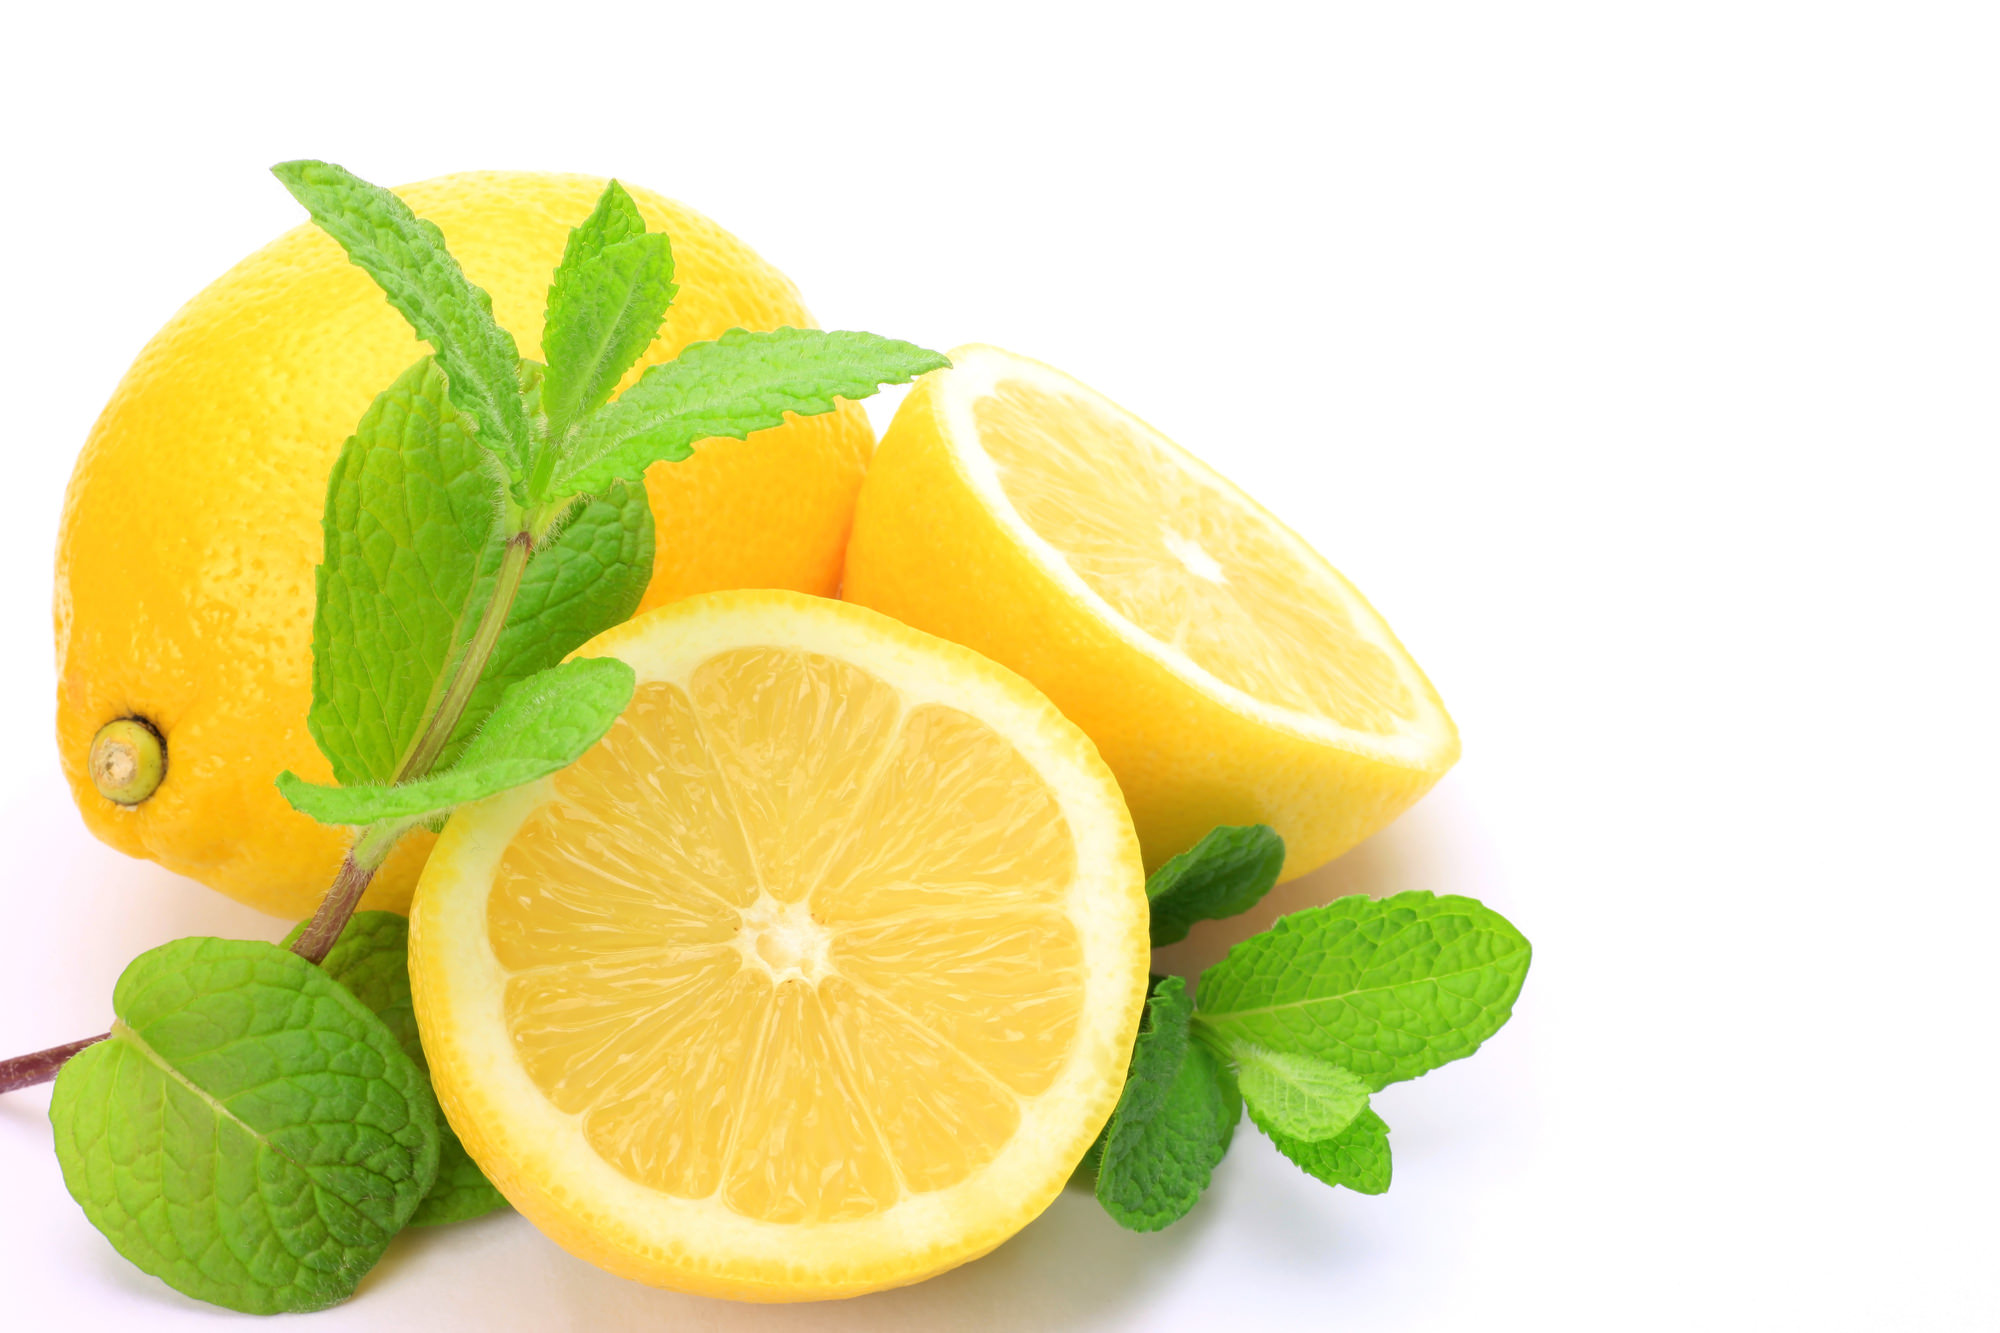 ゴキブリはミントやレモンの香りが苦手